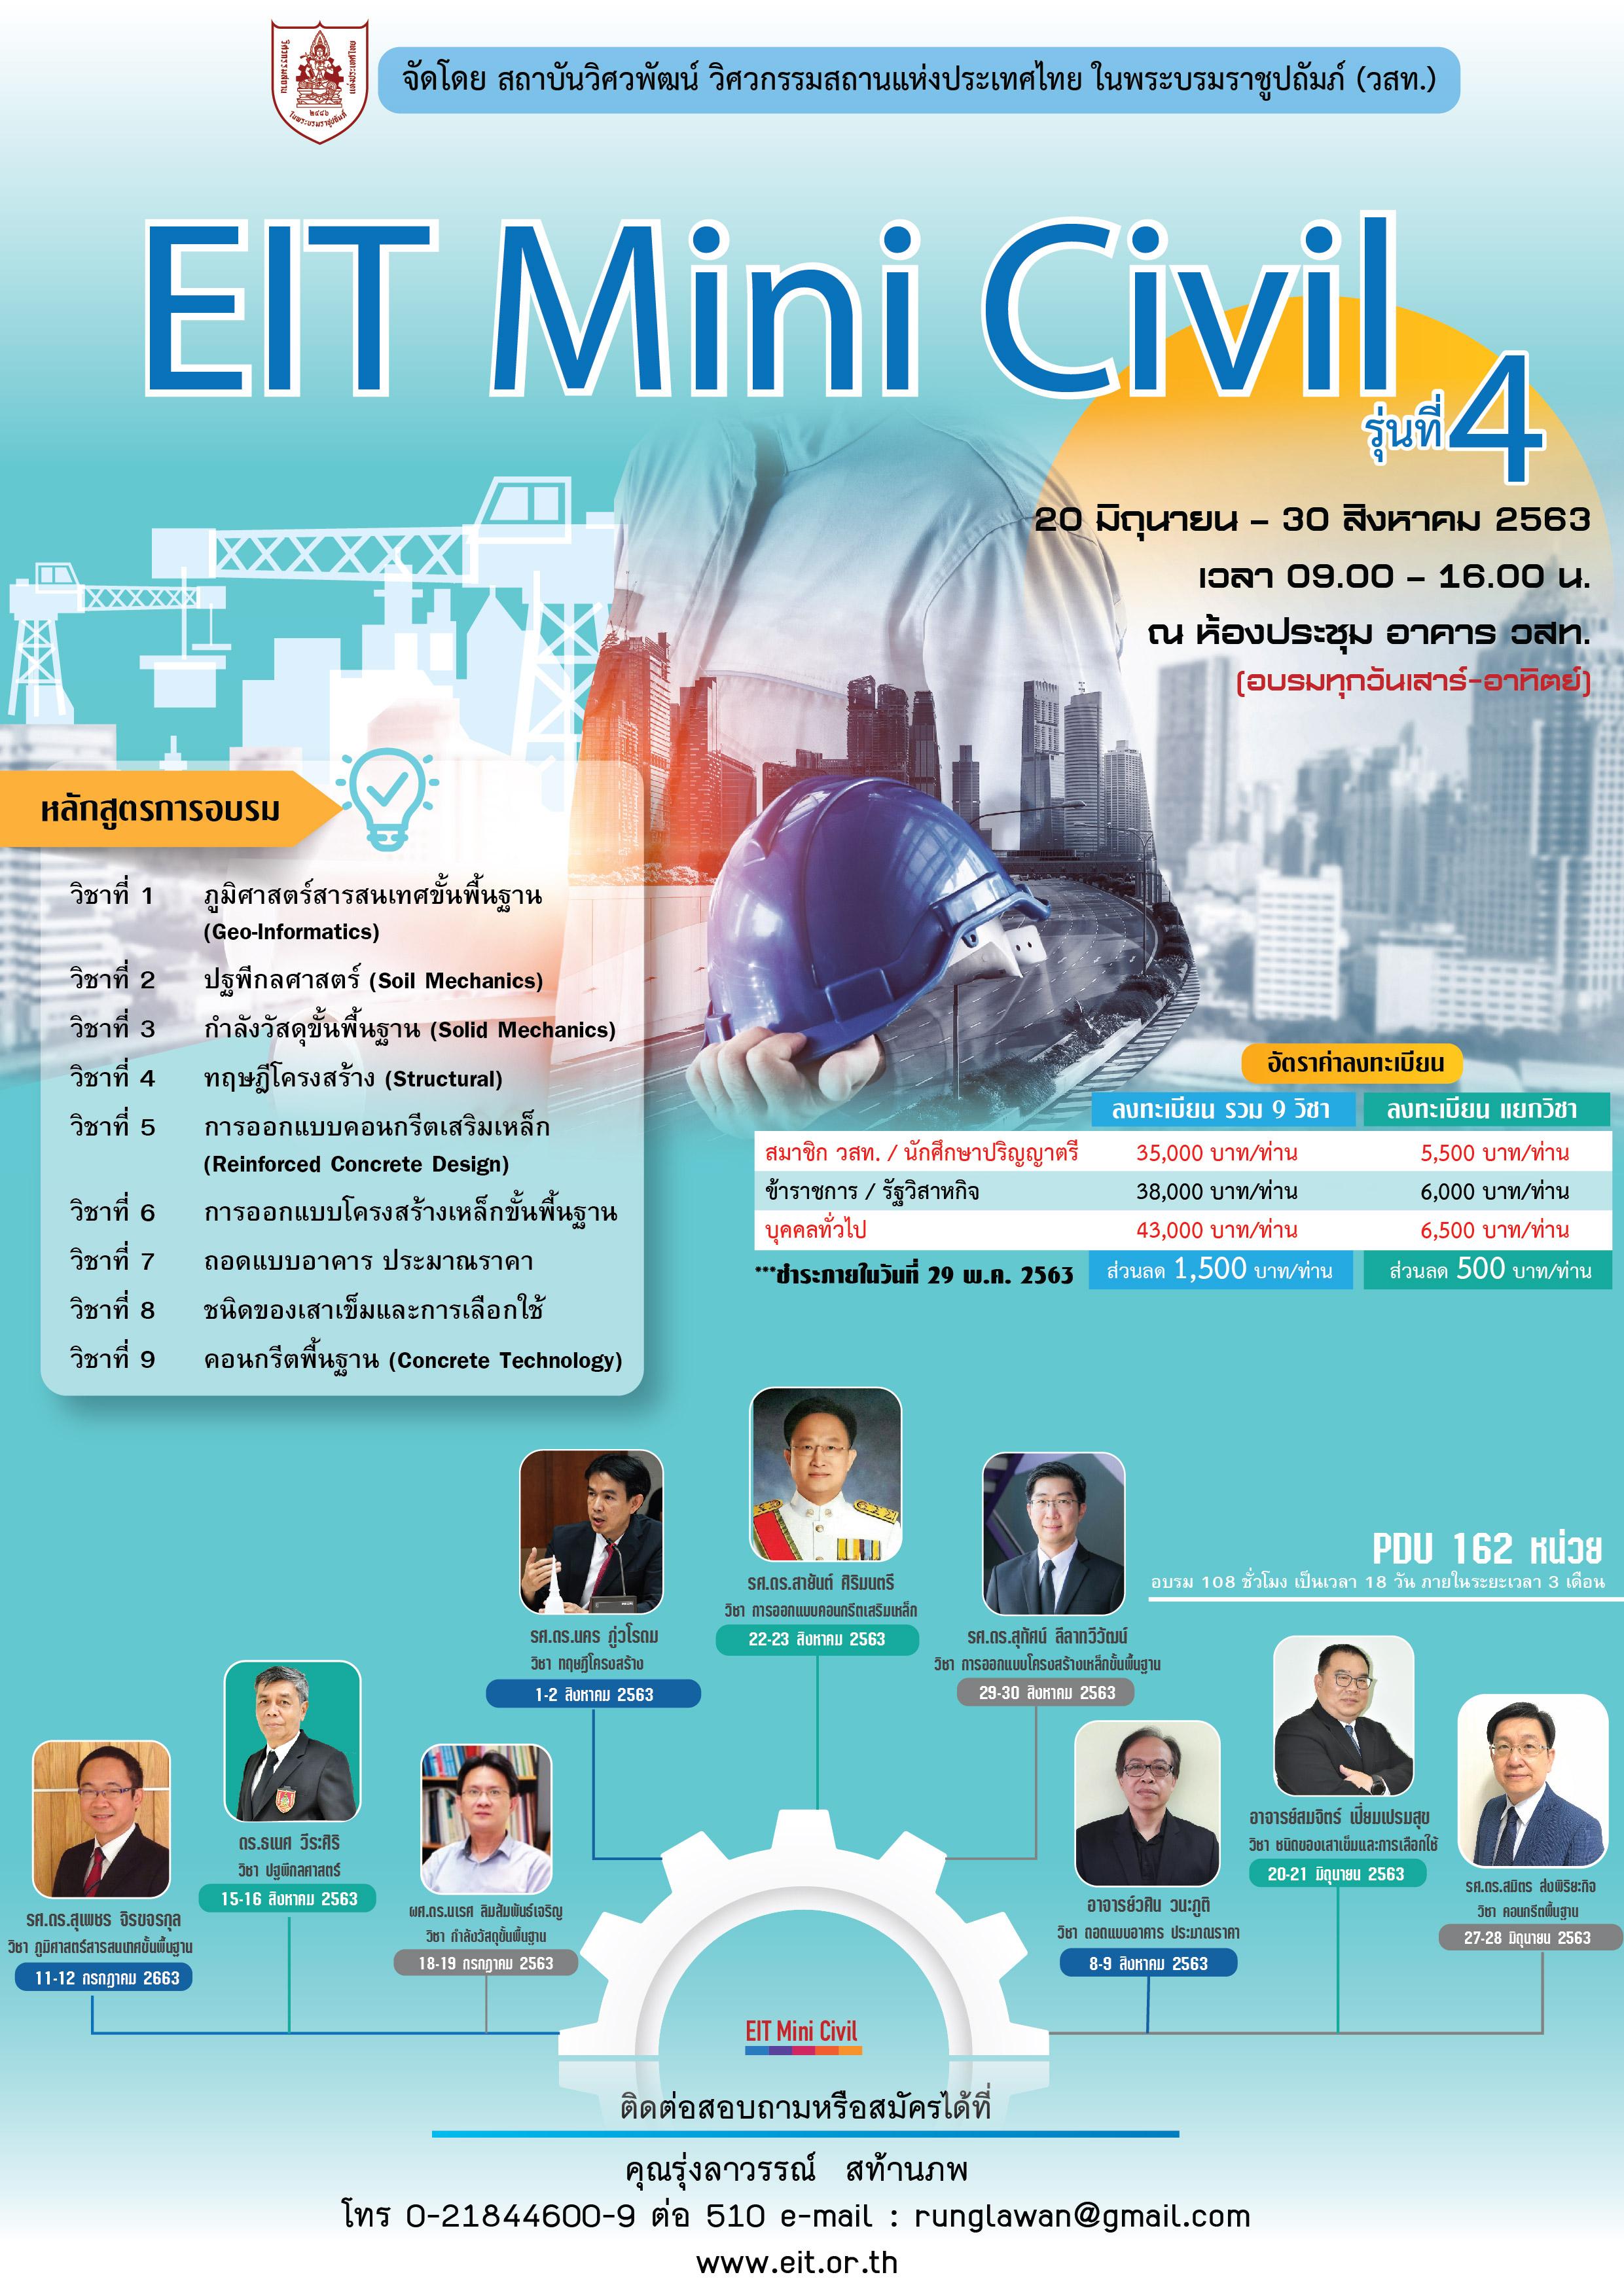 8-9/08/63 การอบรมหลักสูตร EIT Mini Civil รุ่นที่ 4 วิชาที่ 7 ถอดแบบอาคาร ประมาณราคา